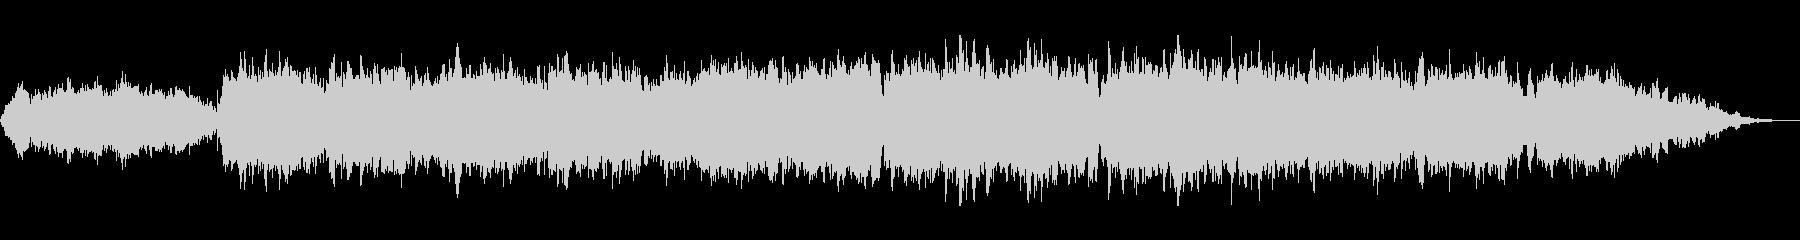 ストリングスとピアノのサウンドトラックの未再生の波形